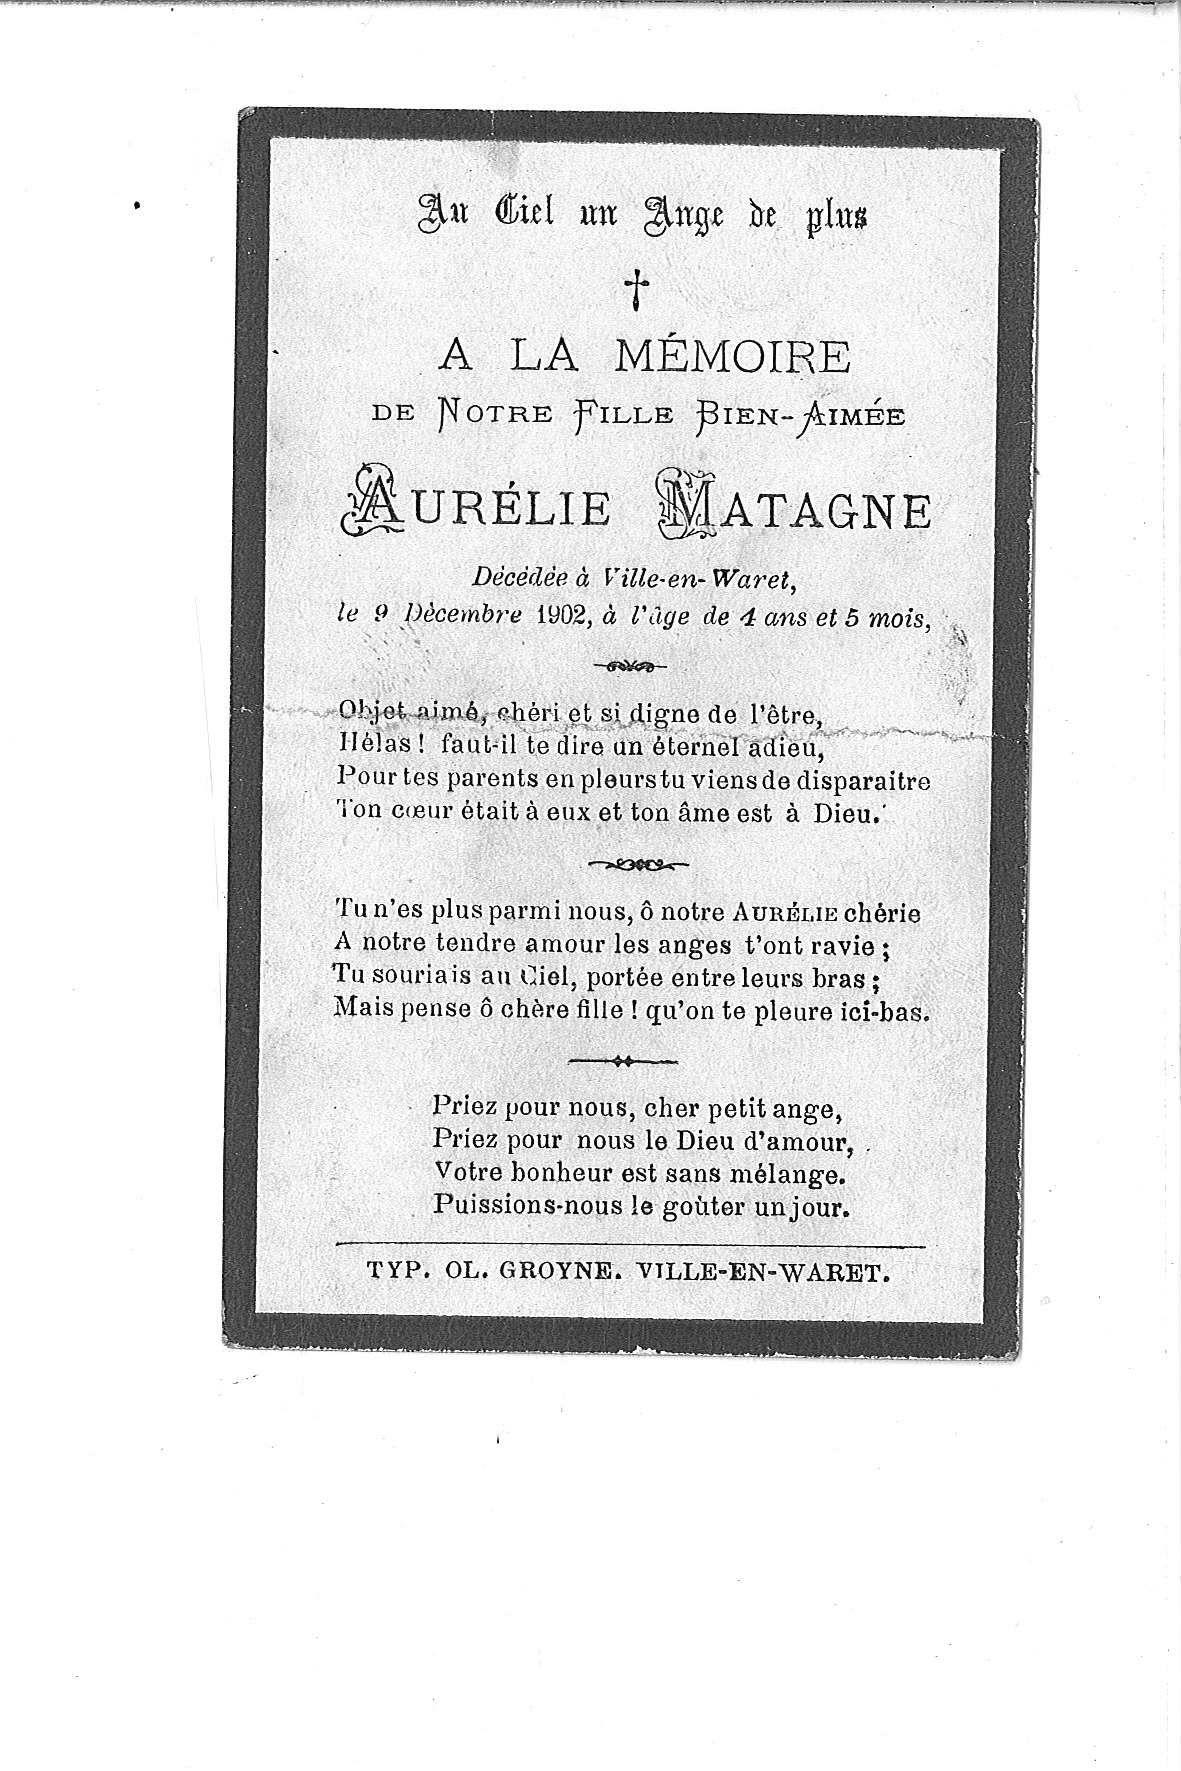 Aurélie(1902)20120412120820_00004.jpg